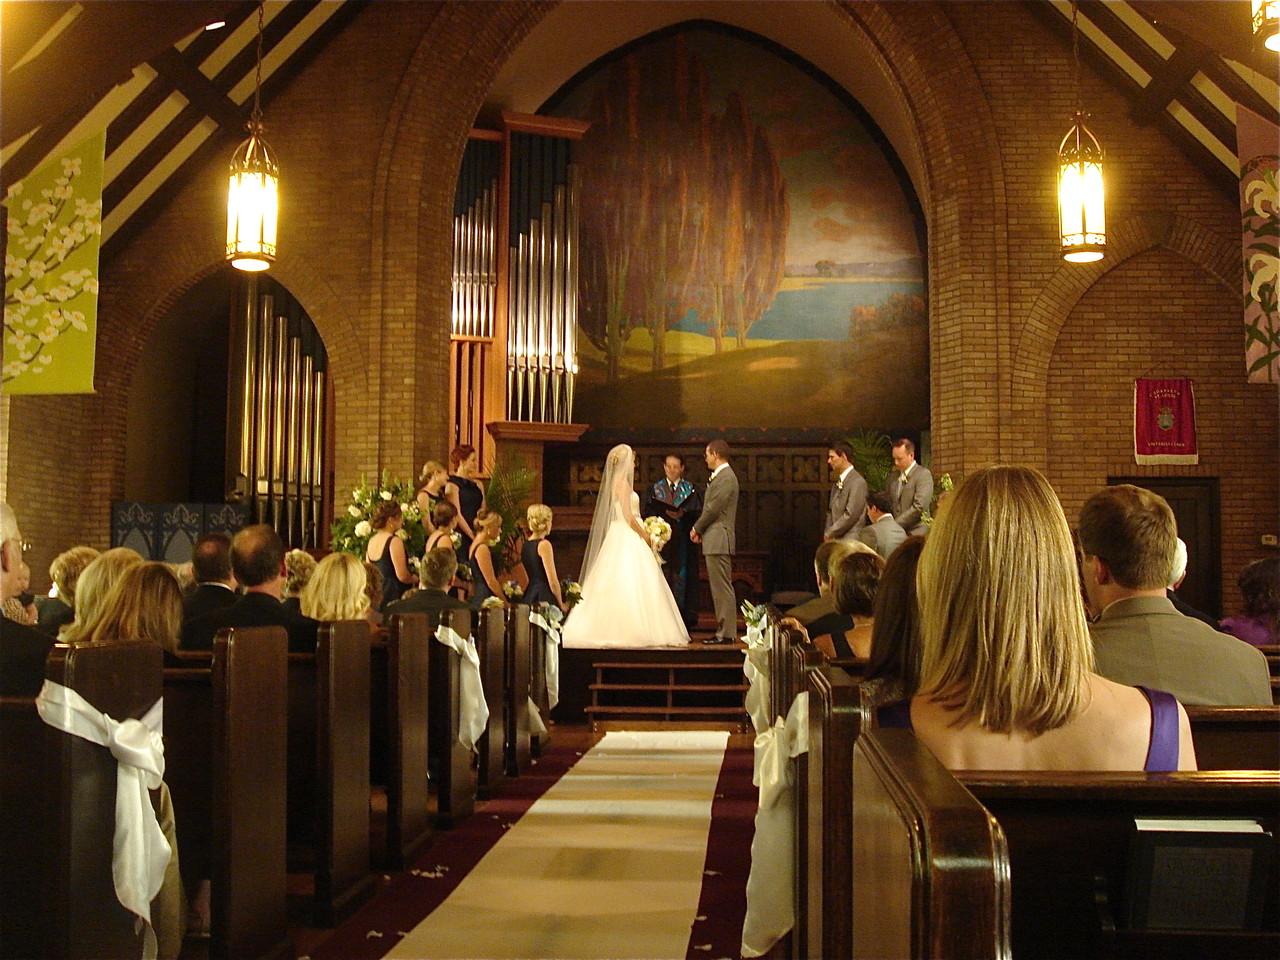 First Unitarian Church, Waterman Blvd, St. Louis